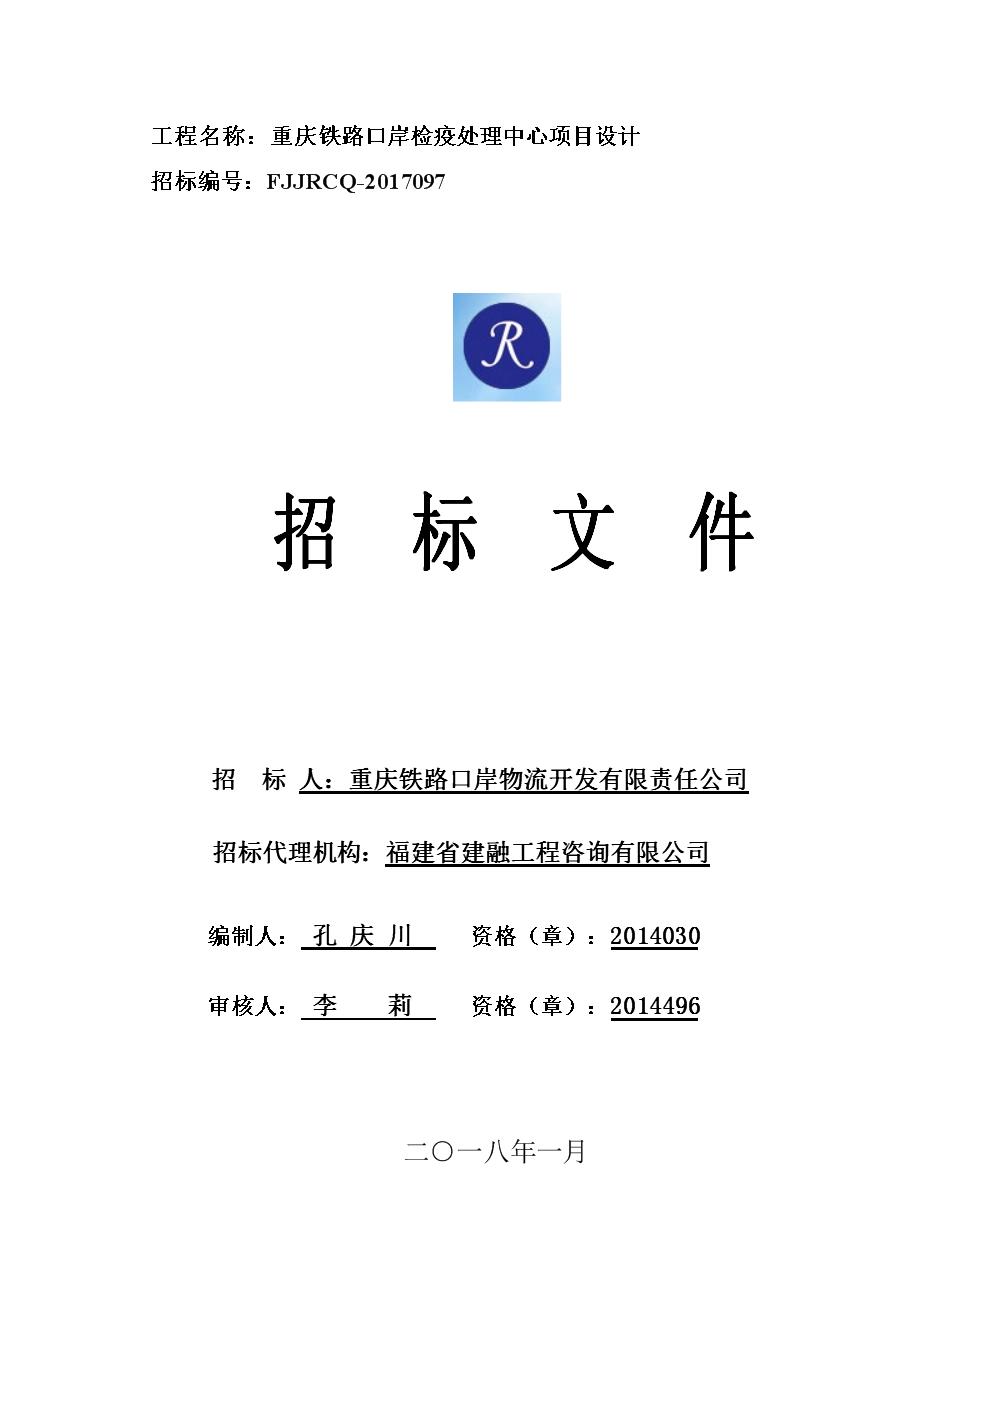 重庆铁路口岸检疫处理中心项目设计招标文件.doc